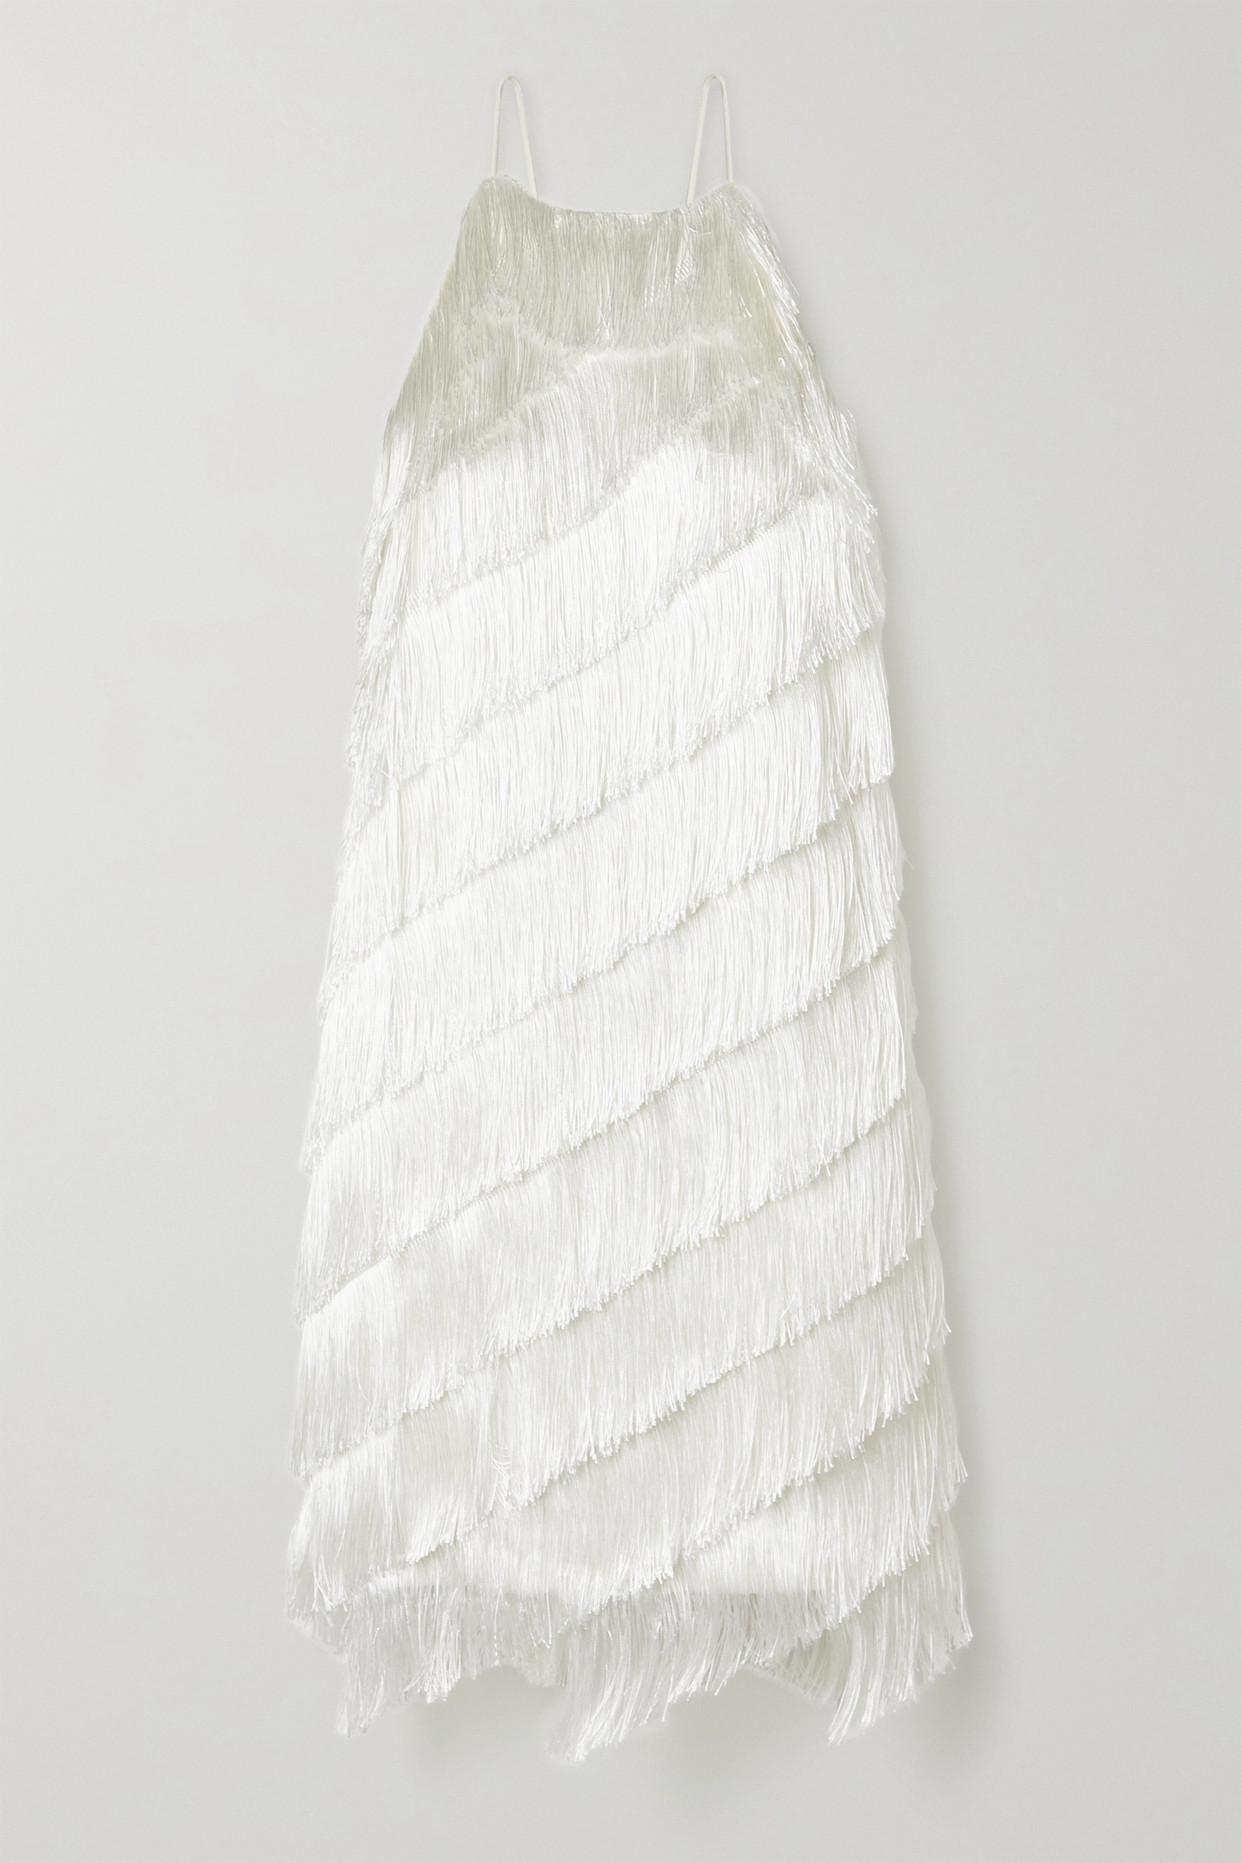 HALSTON HERITAGE - Fringed Crepe Dress - Ivory - US4